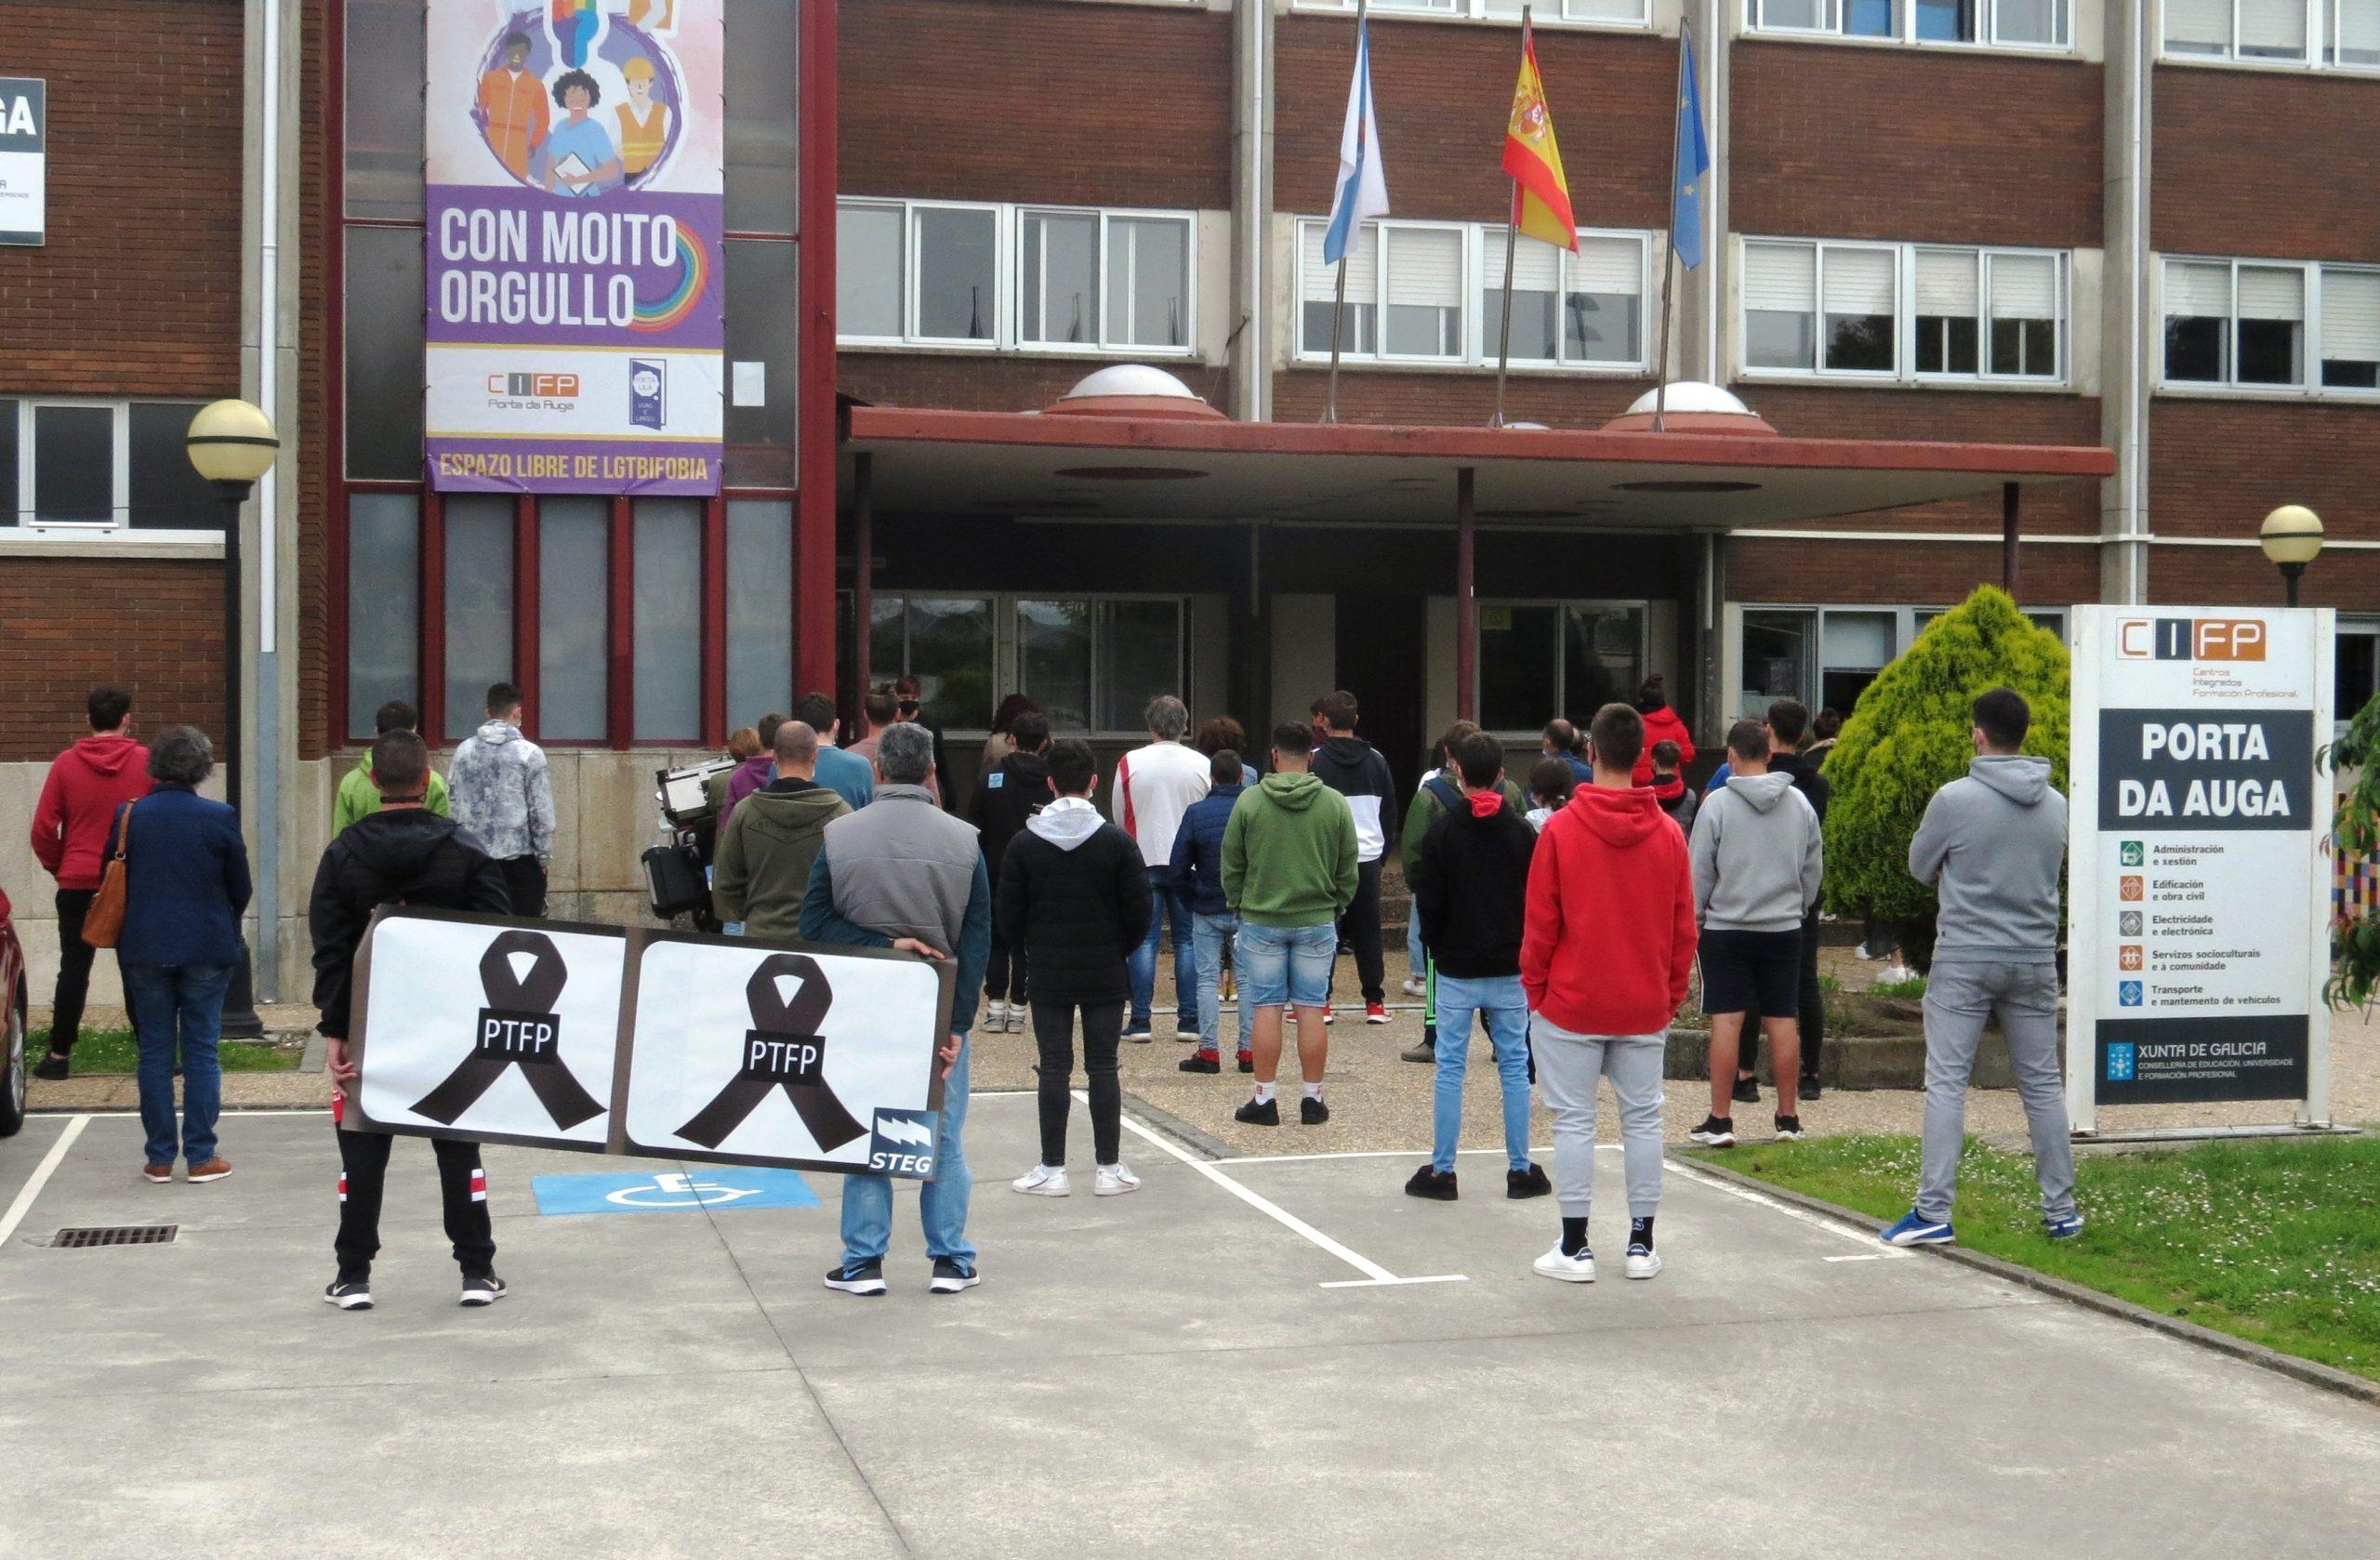 Profesorado e alumnado do CIFP Porta da Auga, de Ribadeo, concentráronse contra a LOMLOE